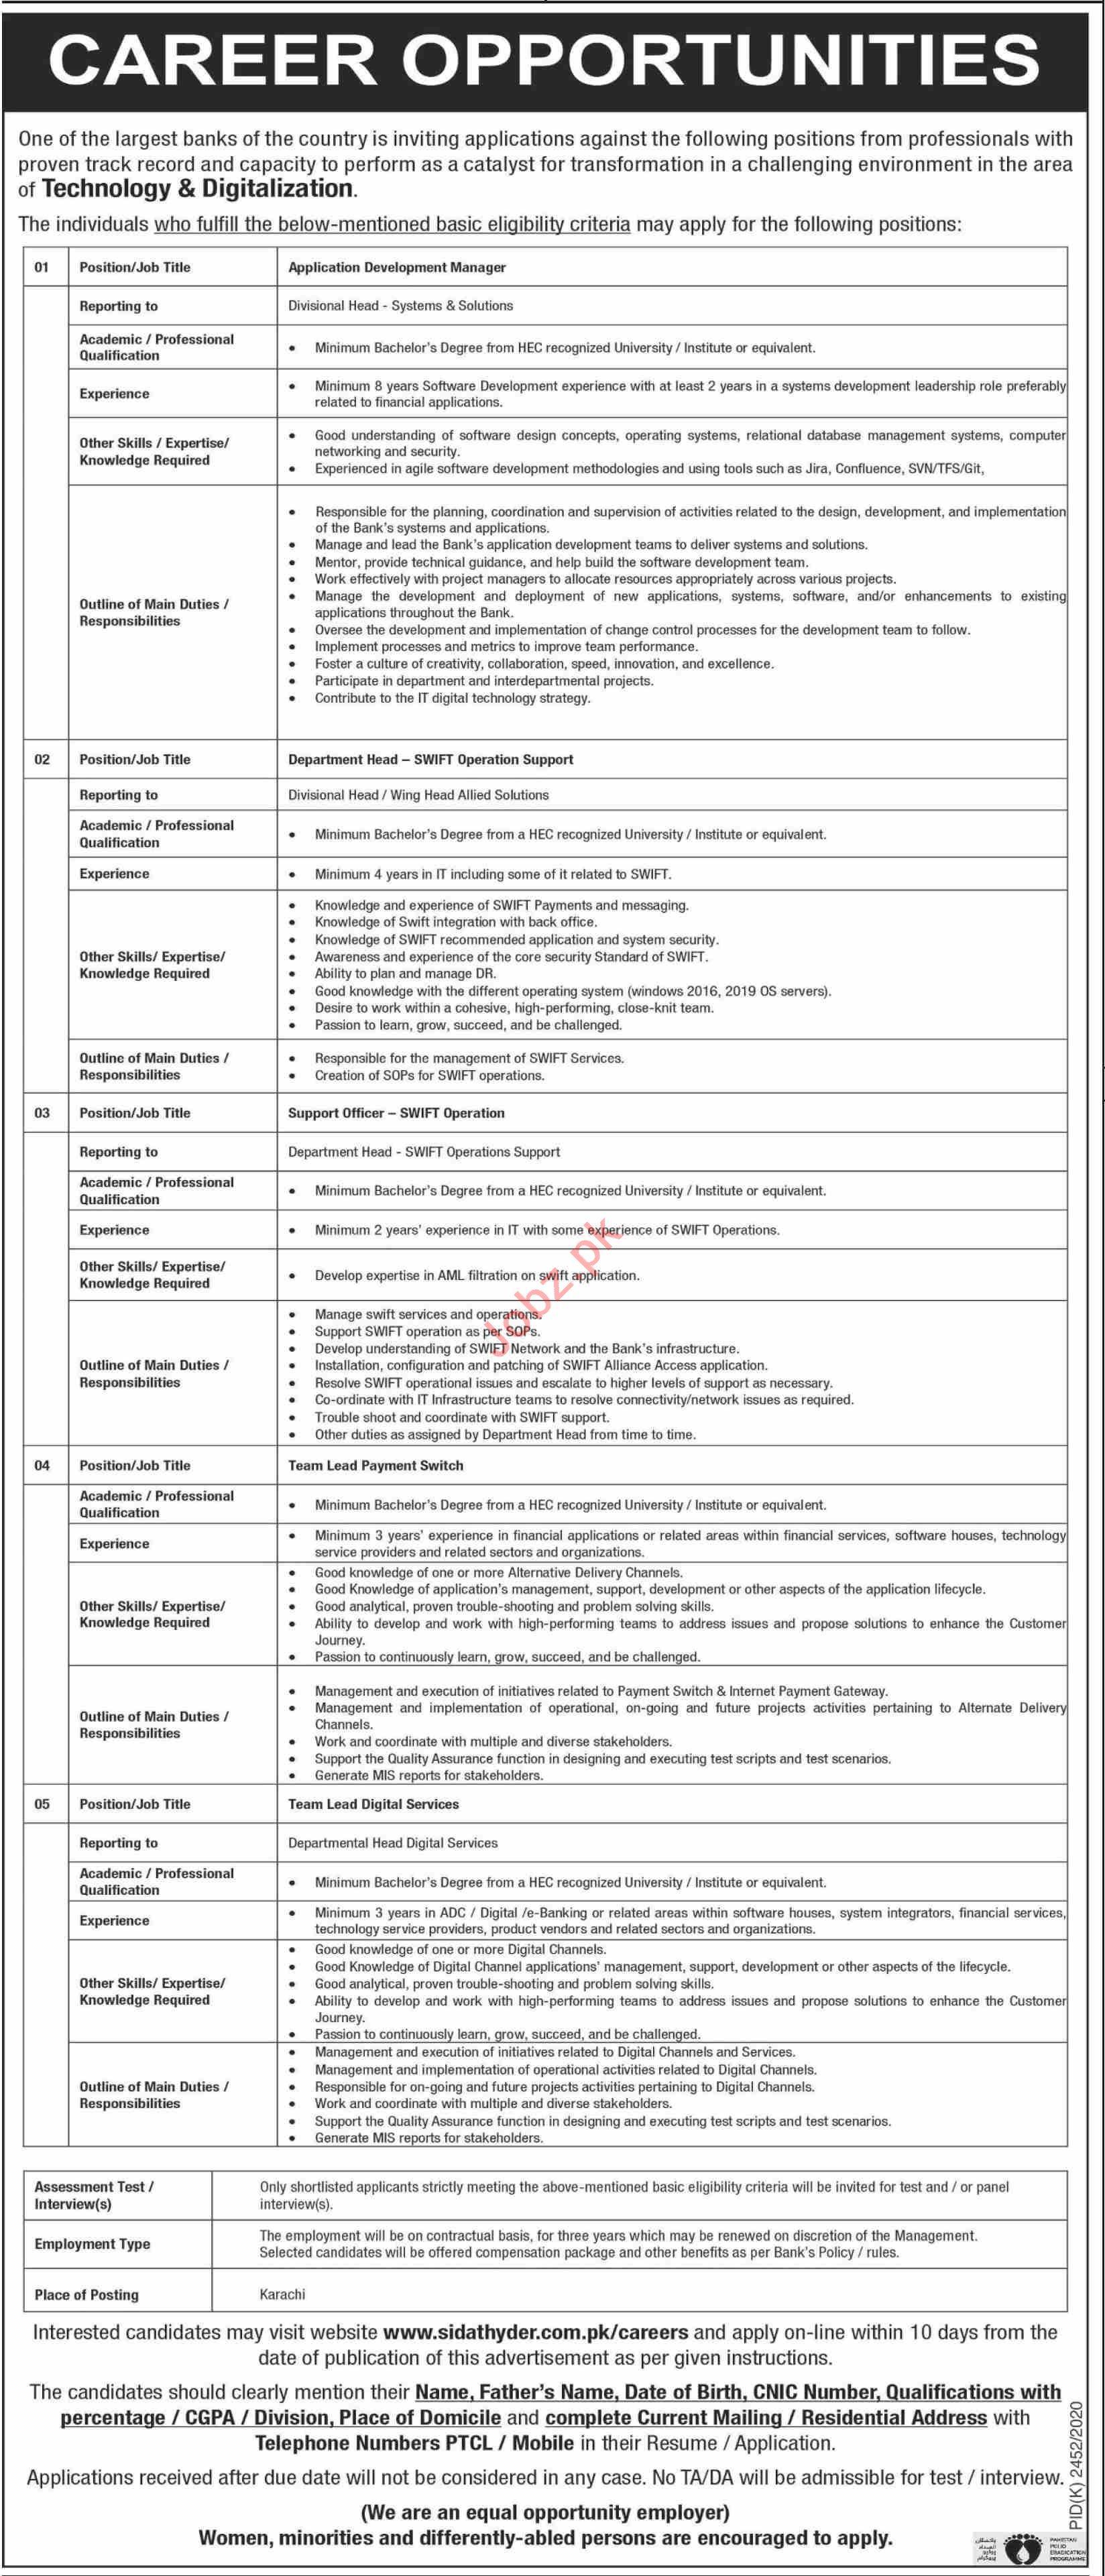 Application Development Manager & Department Head Jobs